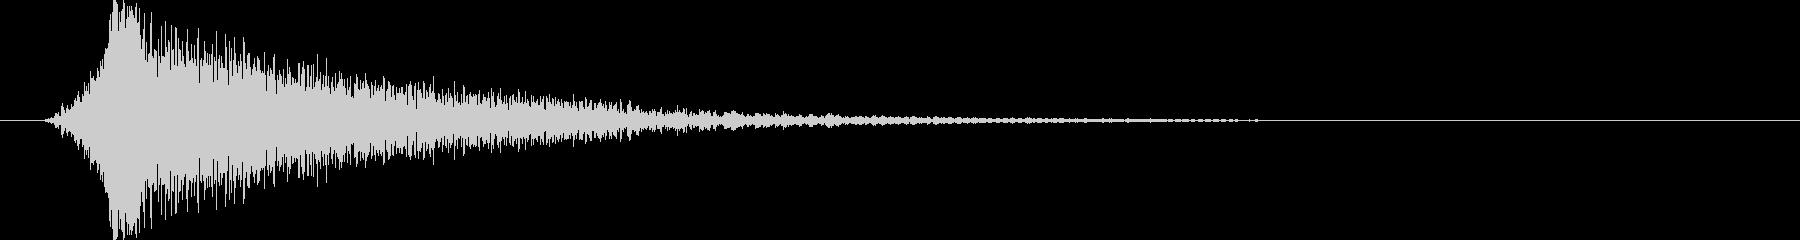 映画告知音134 ドーンの未再生の波形